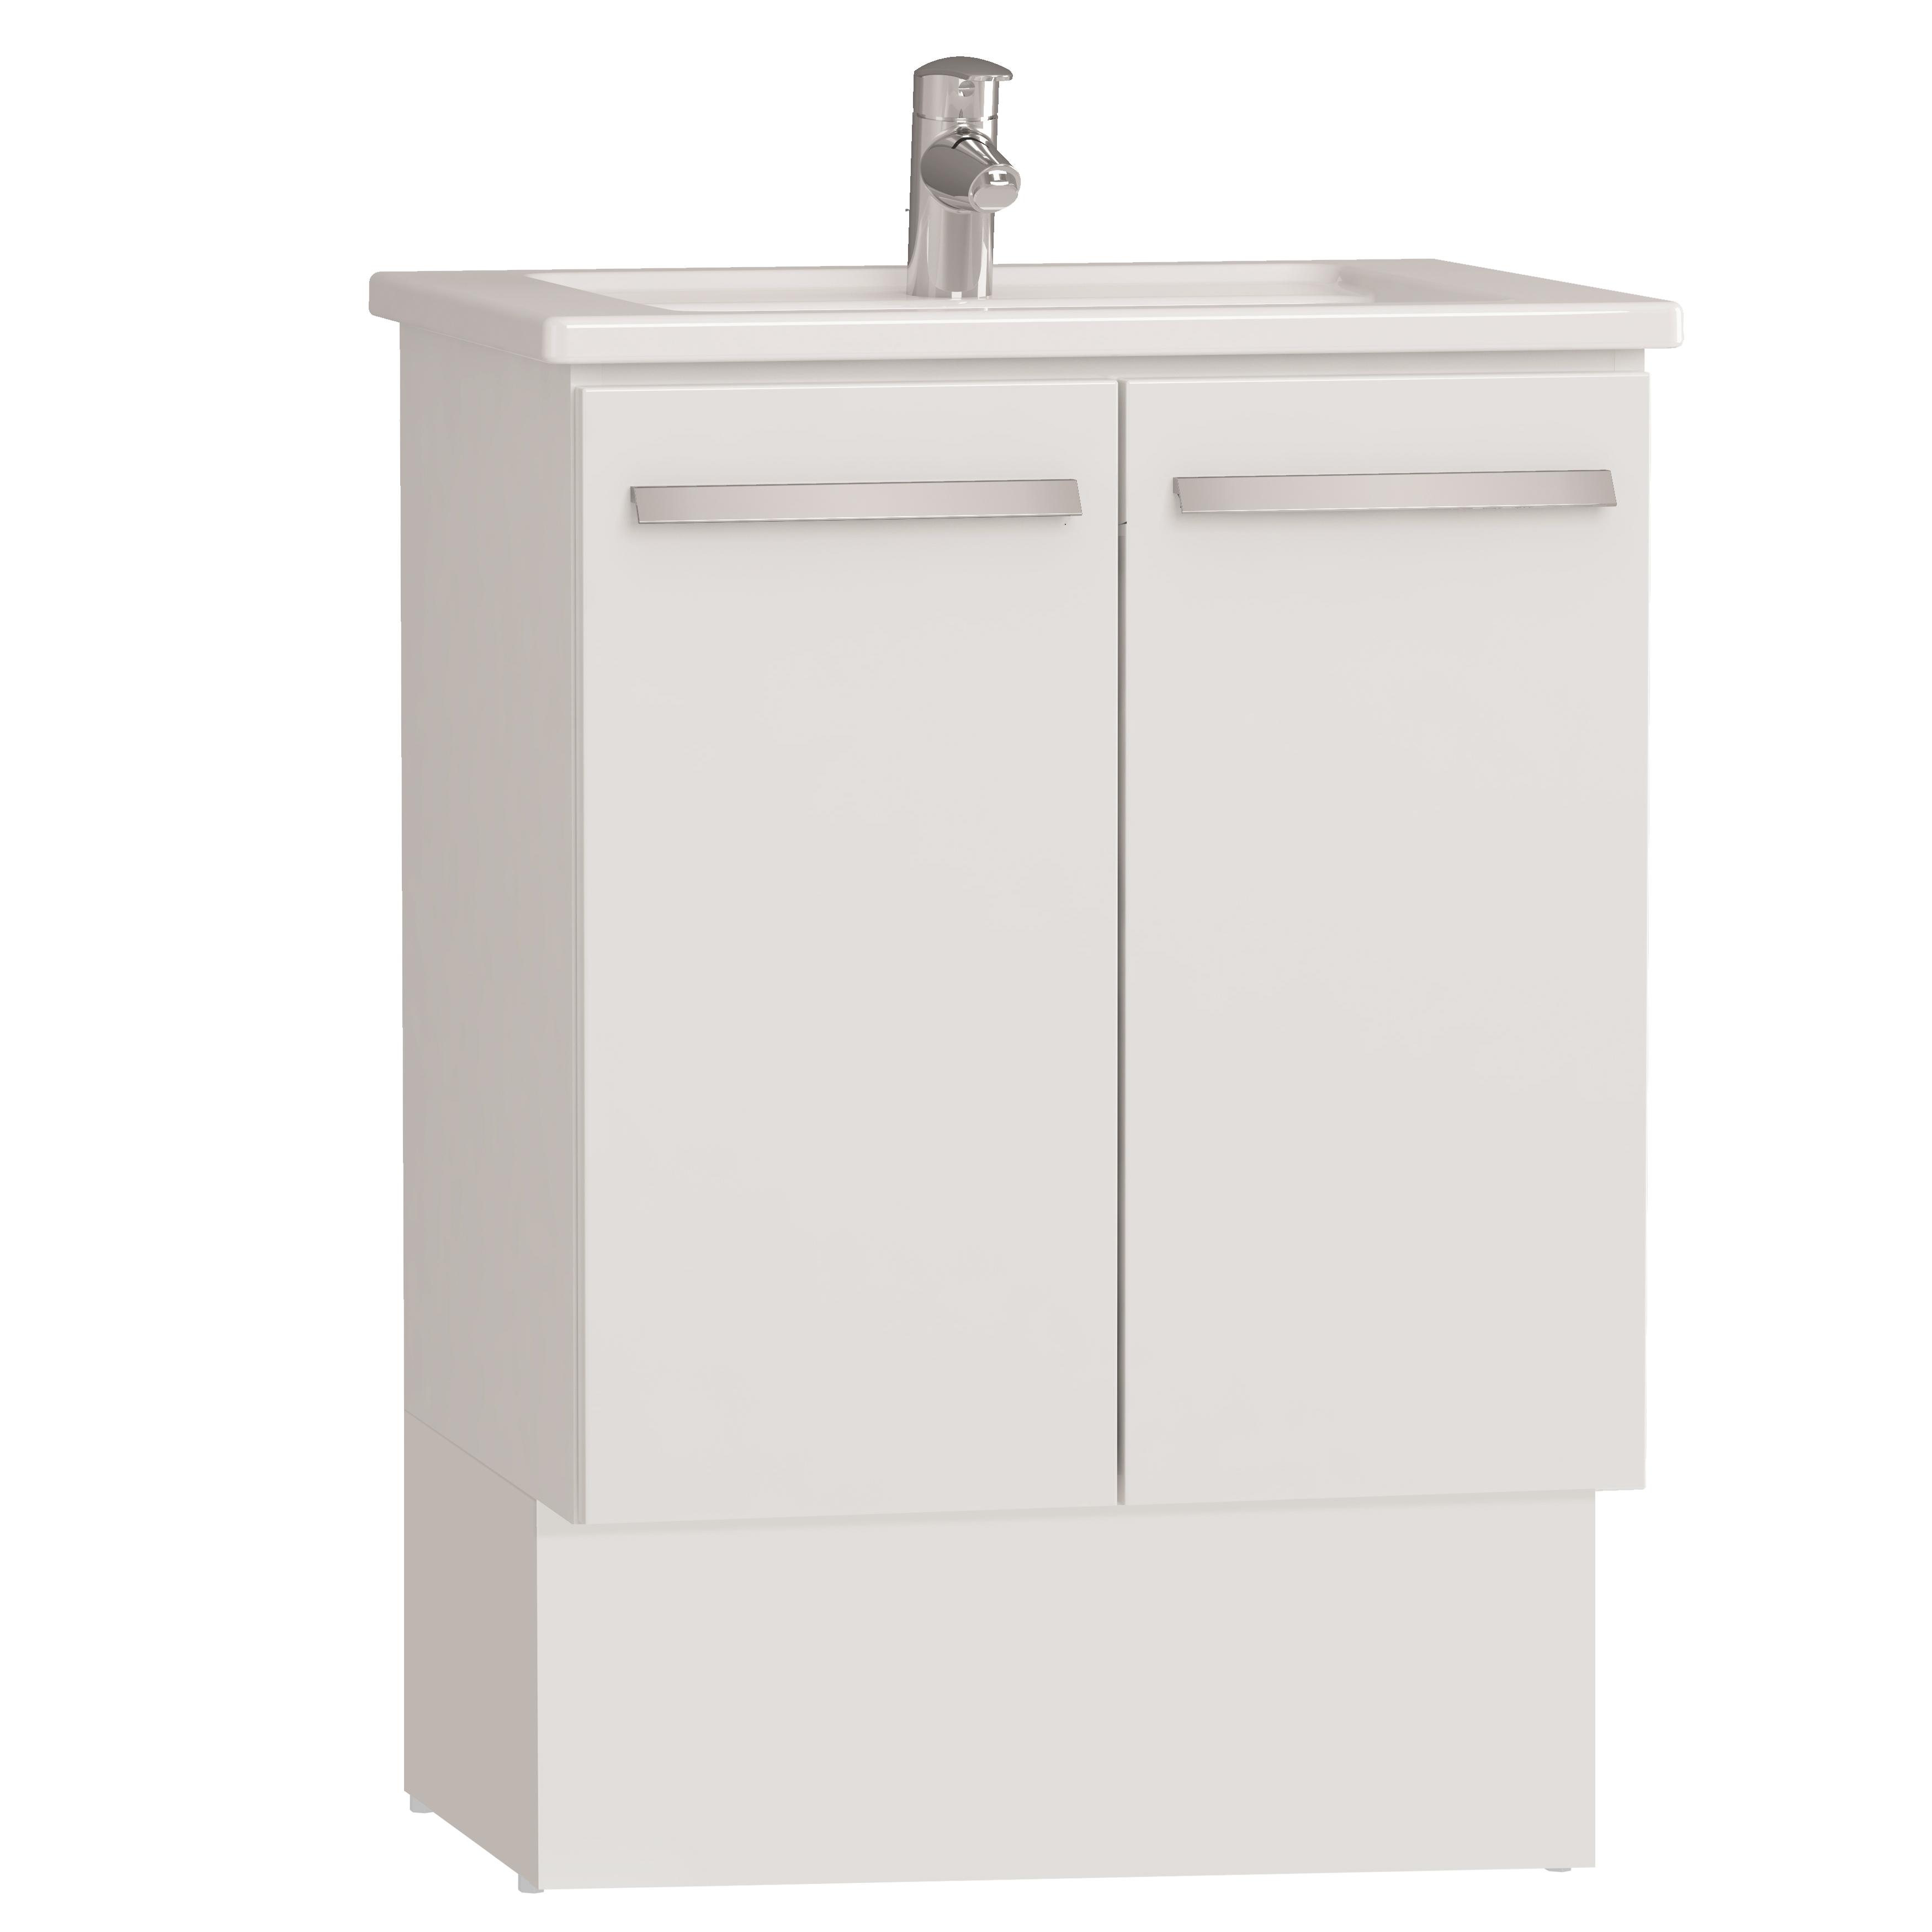 Integra socle pour meuble avec plan céramique & portes, 60 cm, blanc haute brillance